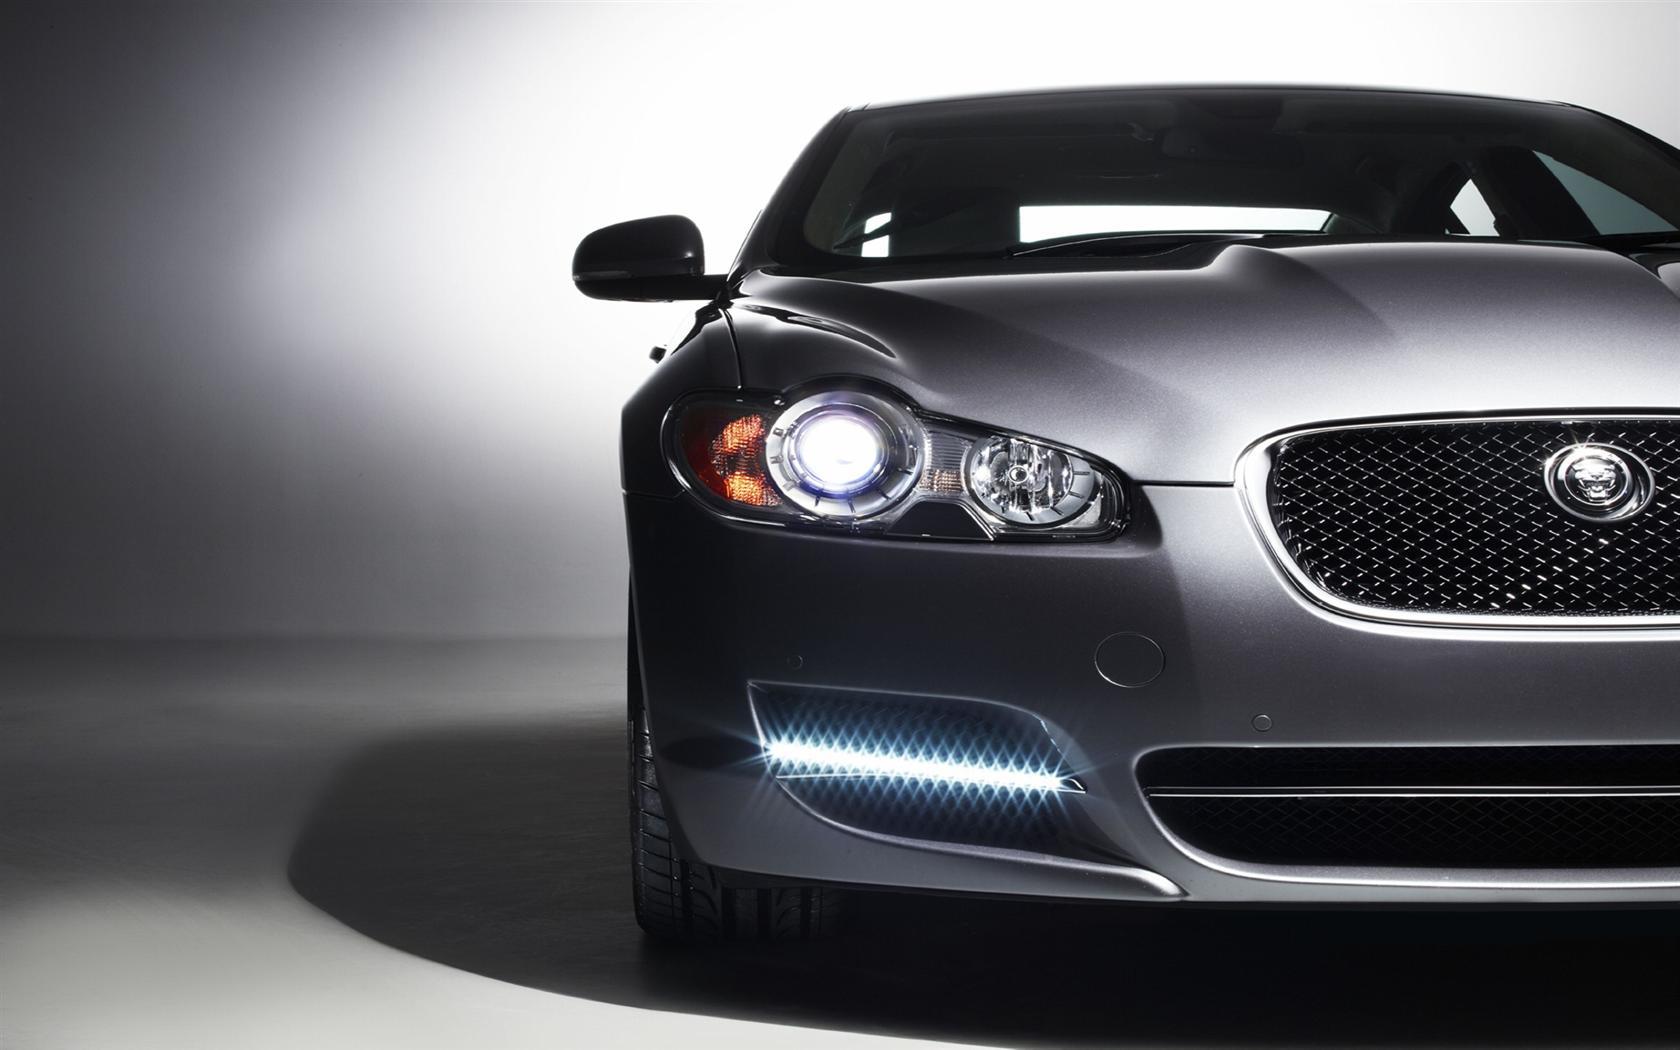 Jaguar Xf Ratings >> jaguar xf wallpaper cool - HD Desktop Wallpapers | 4k HD